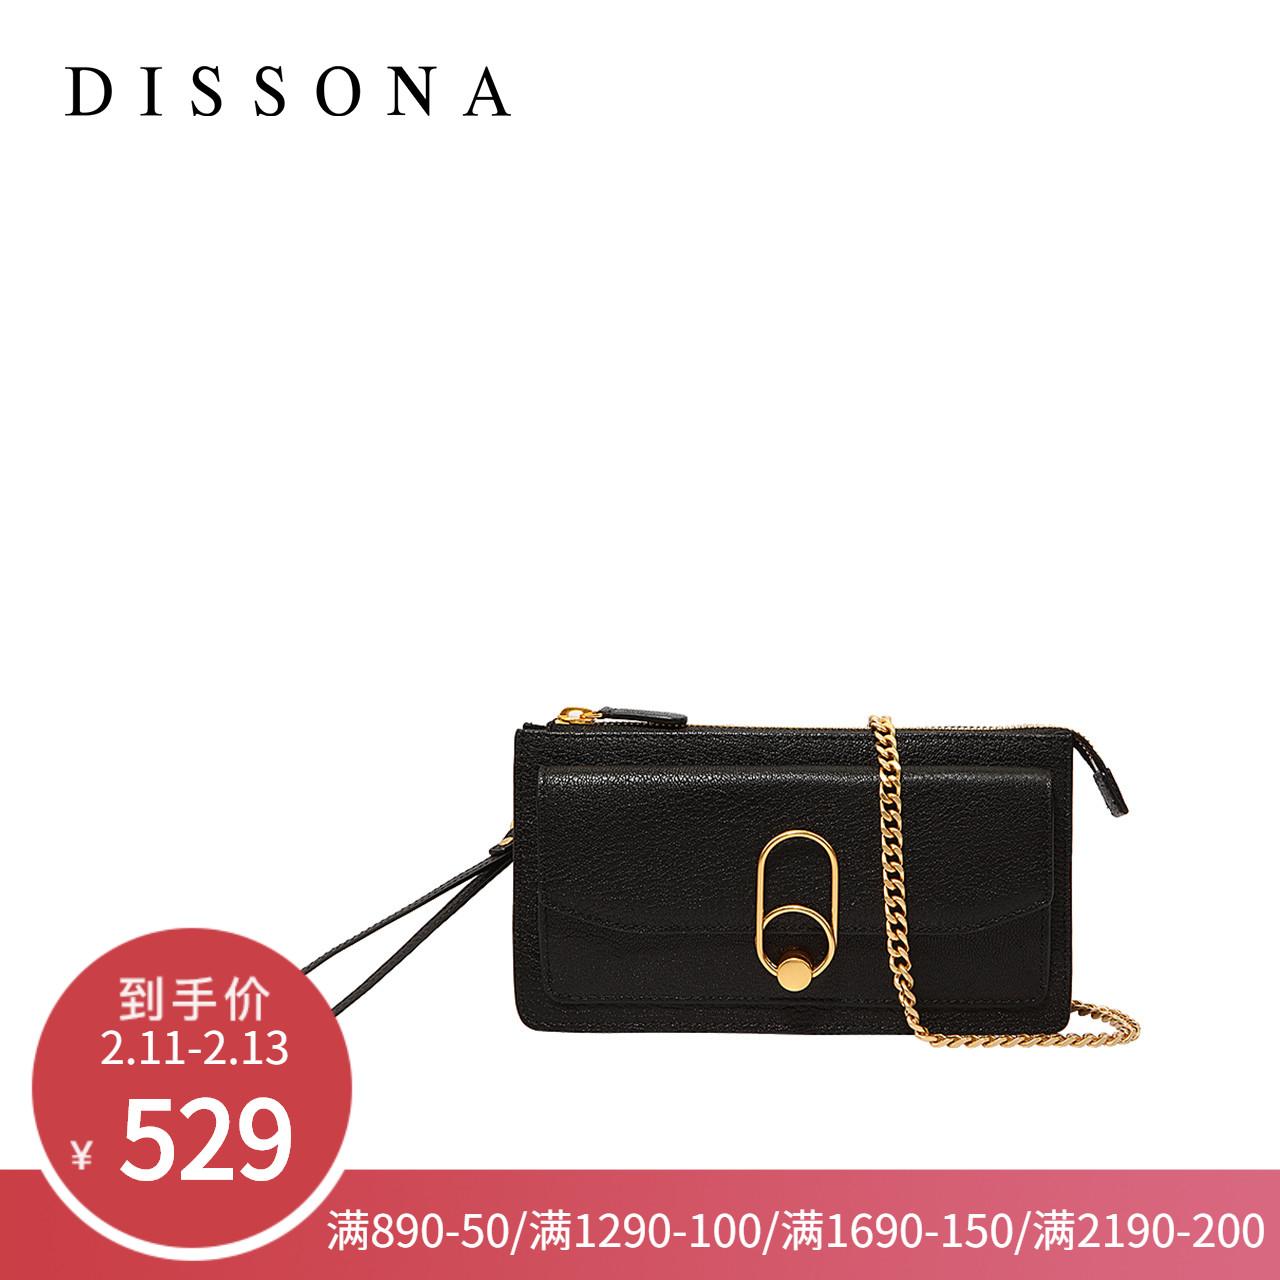 迪桑娜真皮钱包女士长款手拿包 时尚链条包包斜挎单肩手机包女包